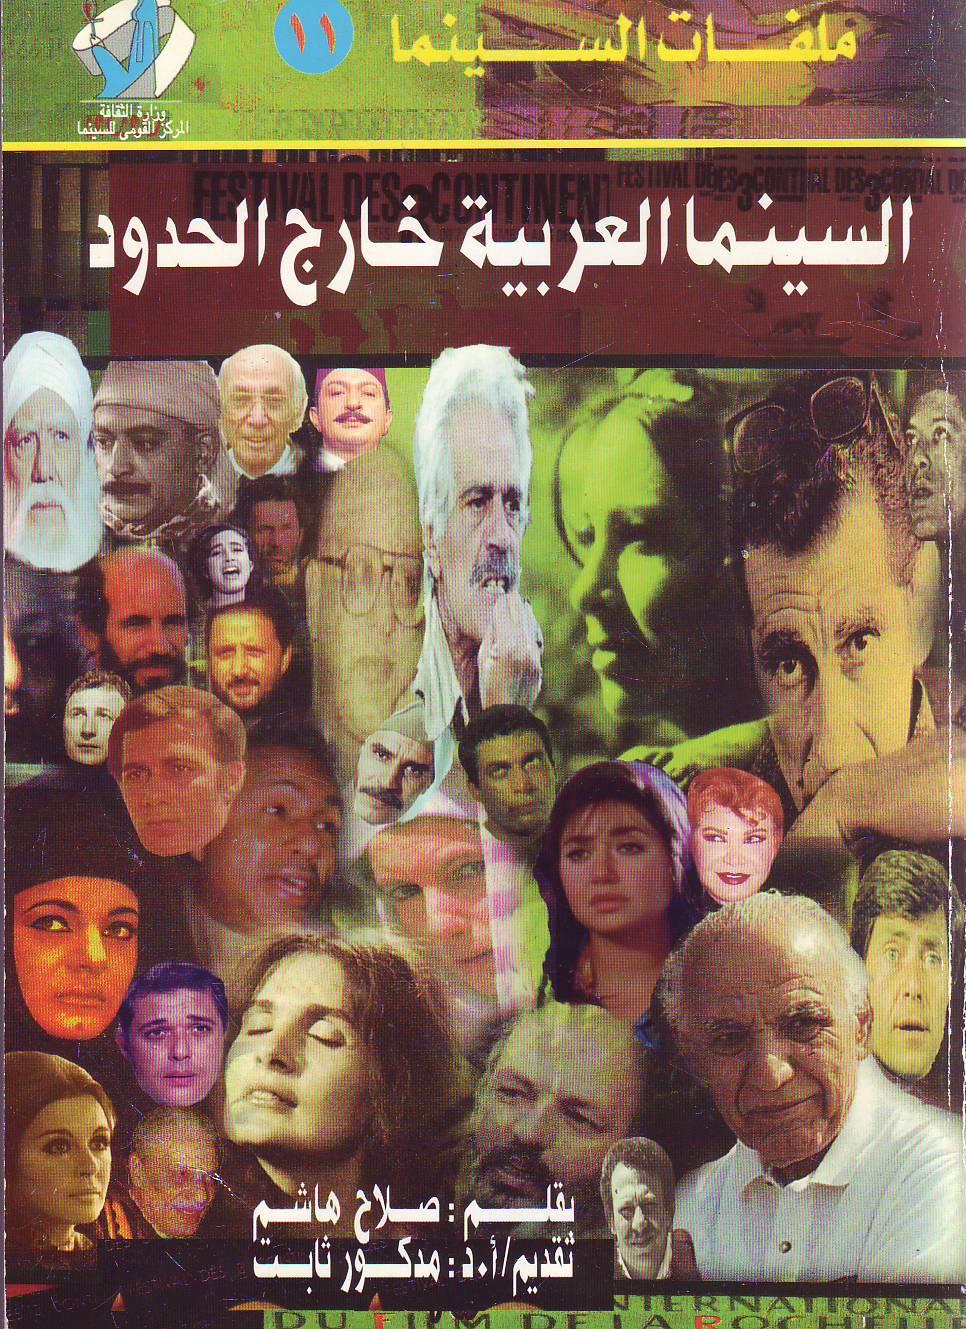 غلاف الطبعة الأولى من الكتاب الصادرة عن المركز القومي للسينما في مصر عام 2000